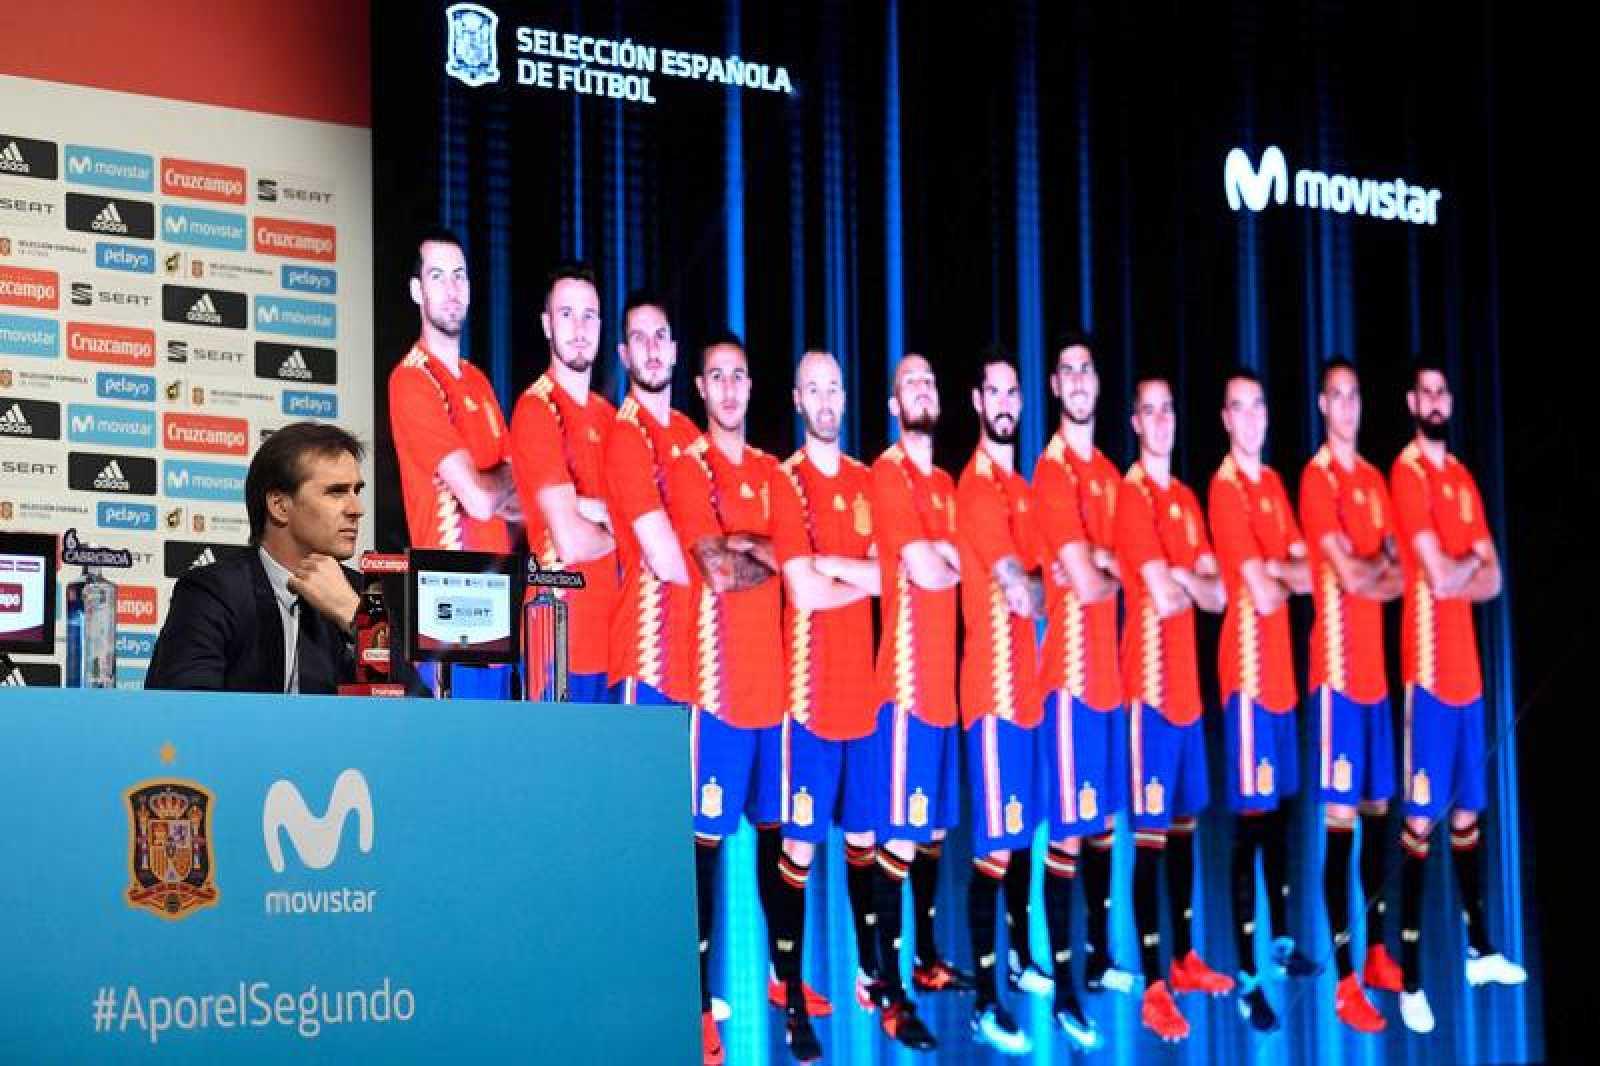 Julen Lopetegui ya ha dado la lista de los 23 futbolistas que lucharán por el Mundial en Rusia.